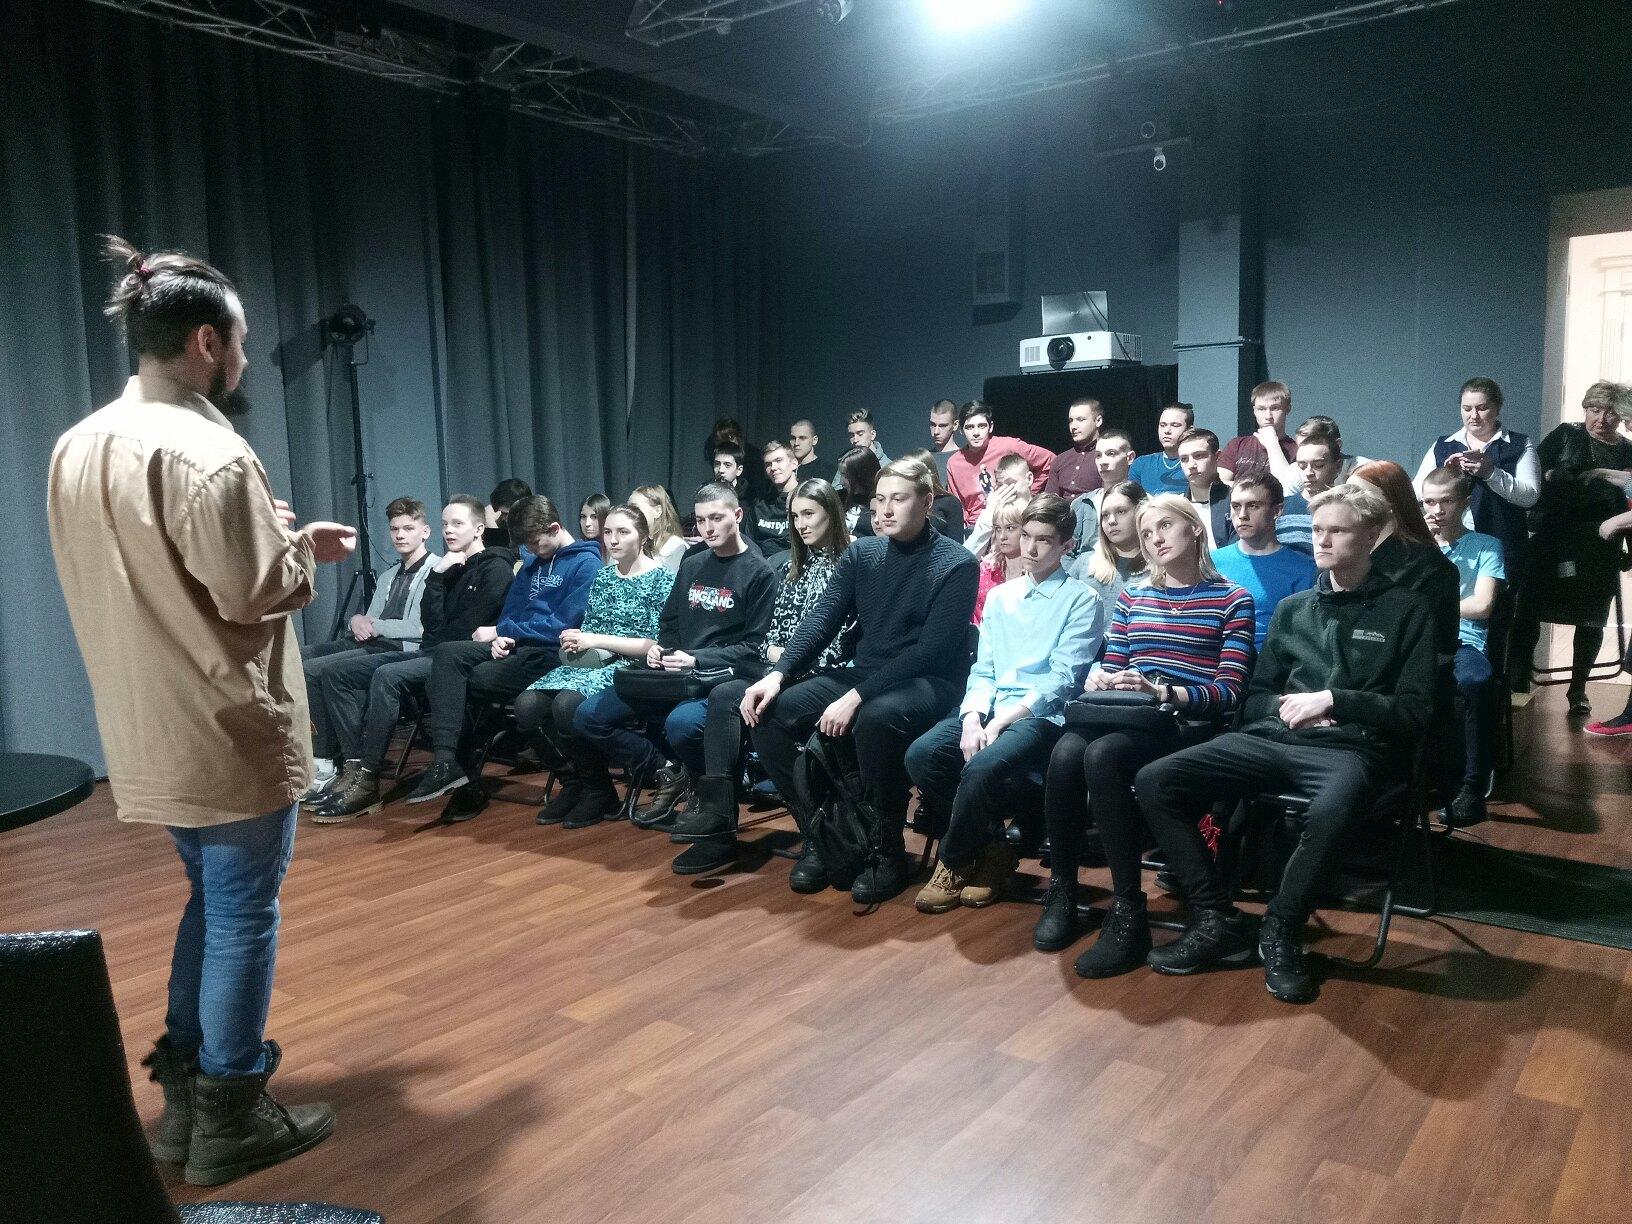 Студенты Техникума нефти и газа приняли участие в проекте Театр Образование (4)